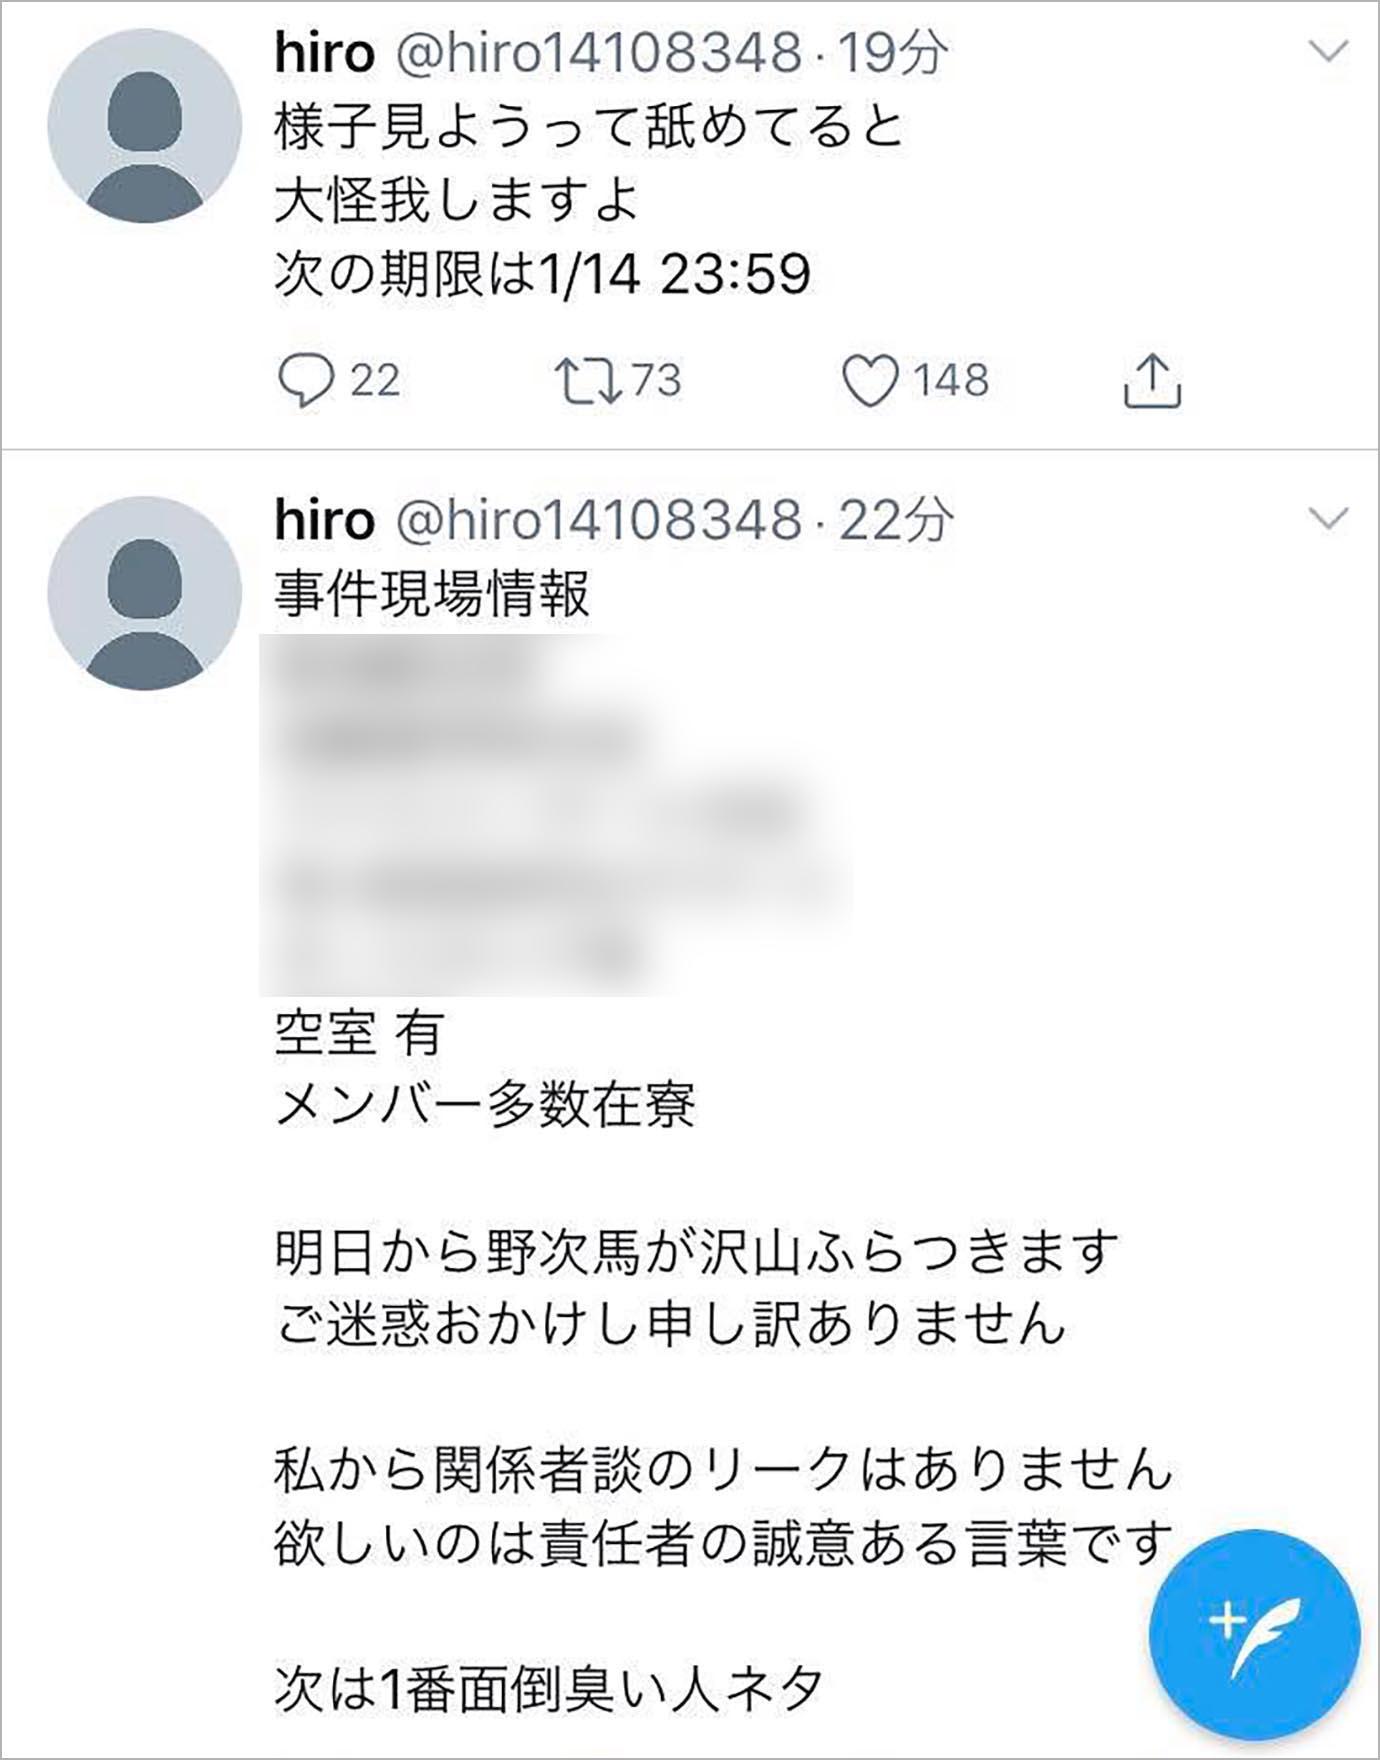 ngt48-yamaguchi-hiro1408348-01